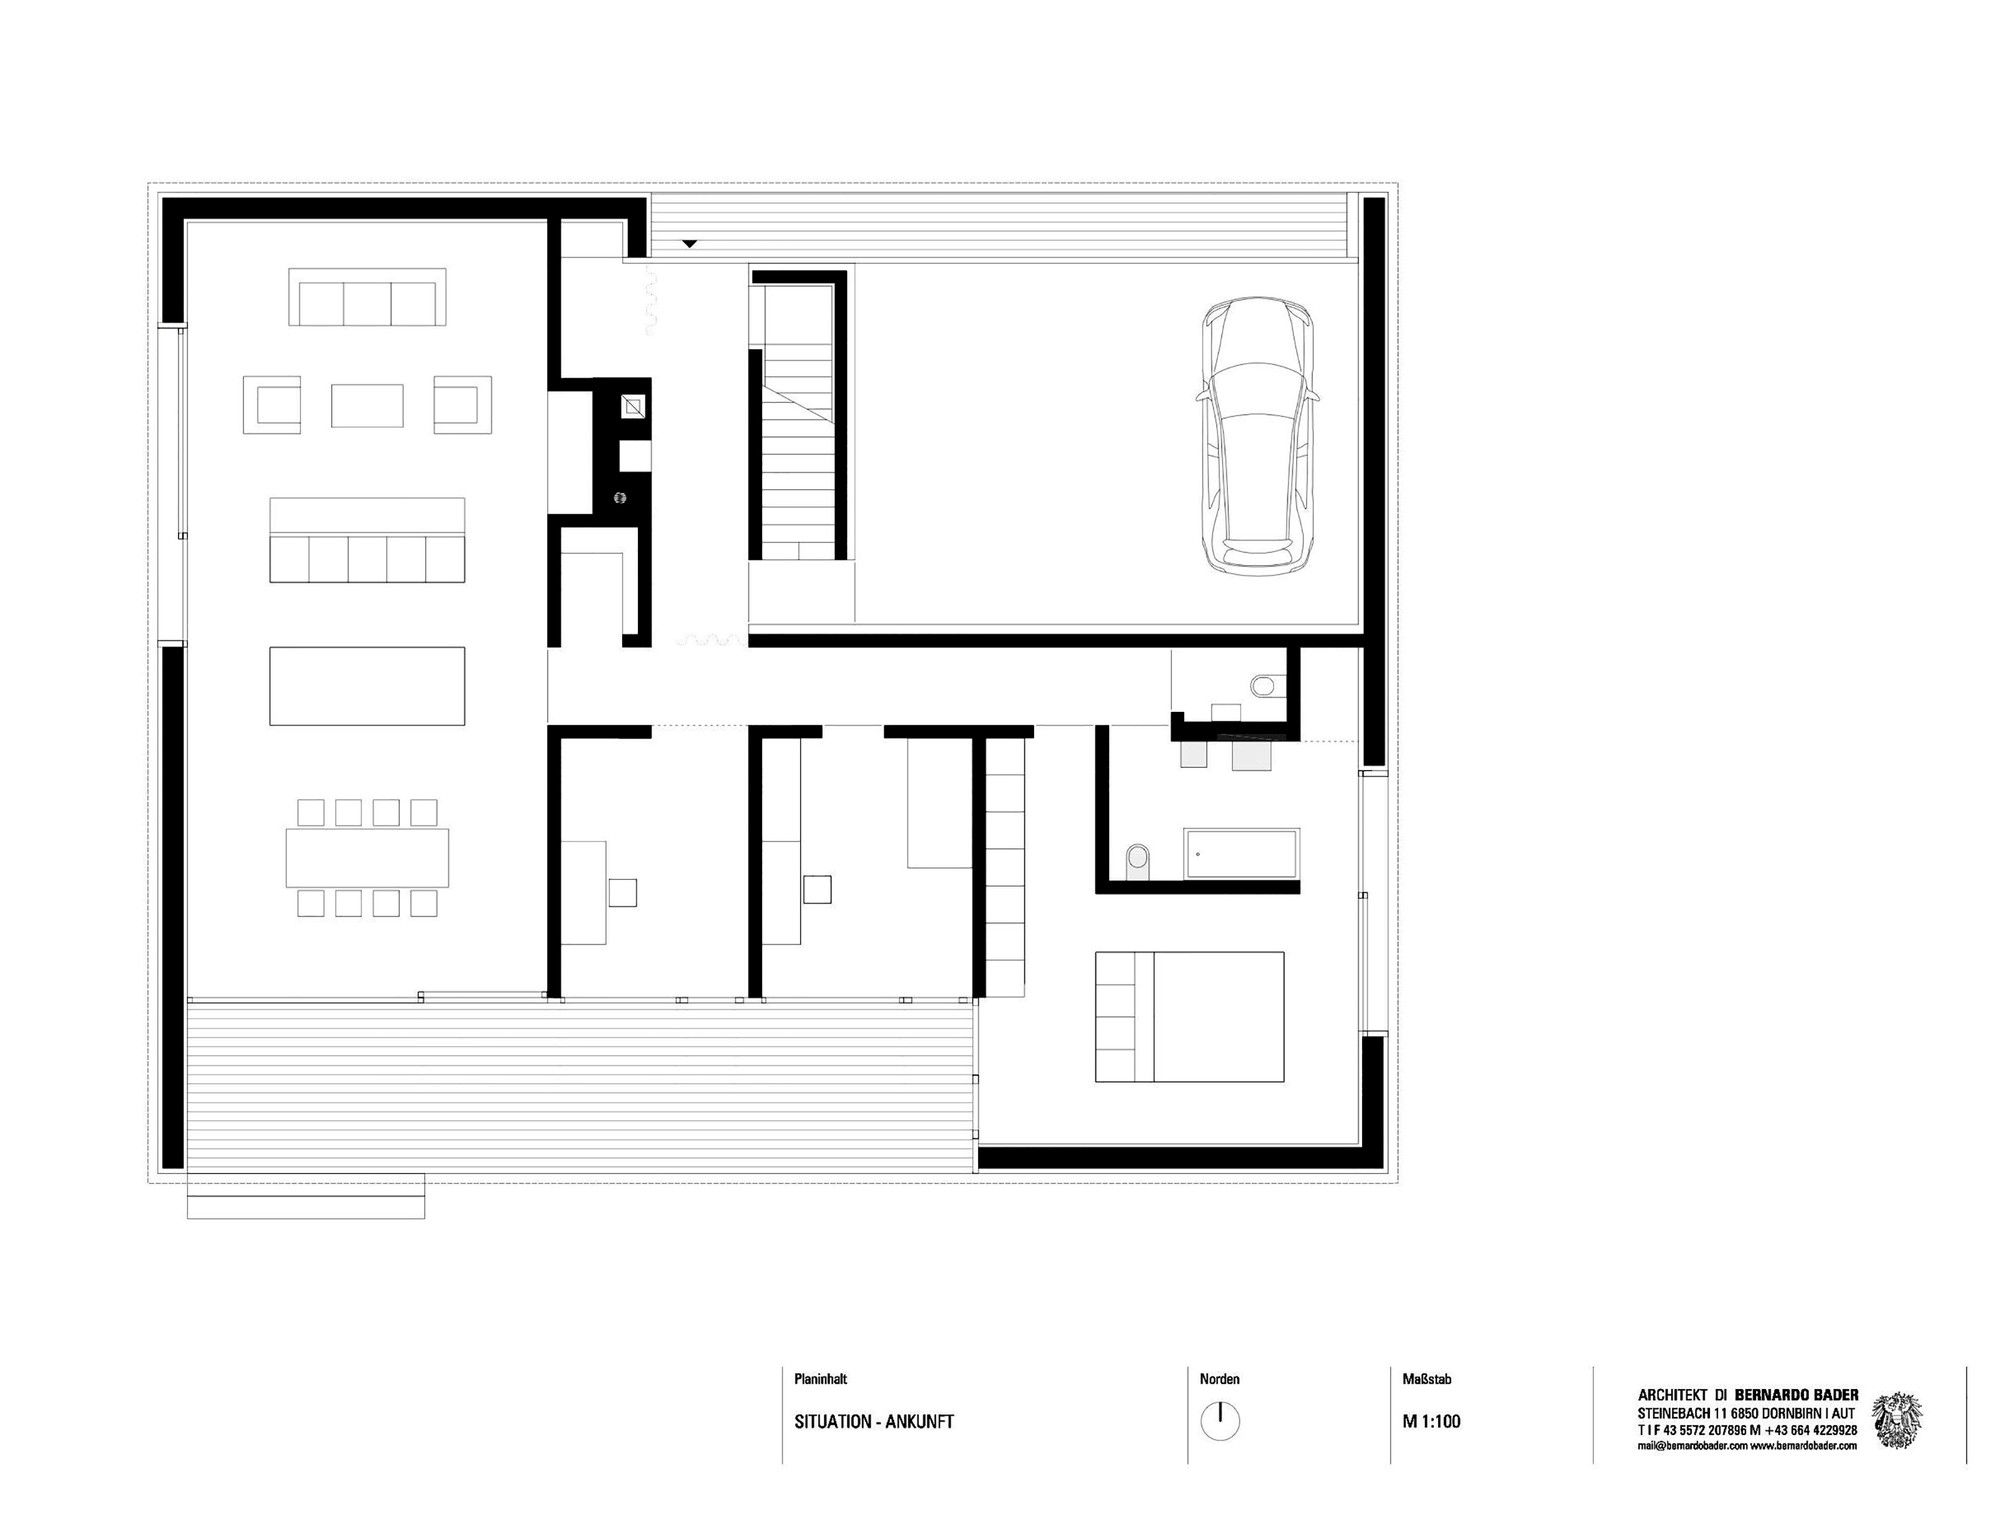 Haus kaltschmieden floor plan architektur pinterest grundriss haus und haus grundriss - Architektur plan ...